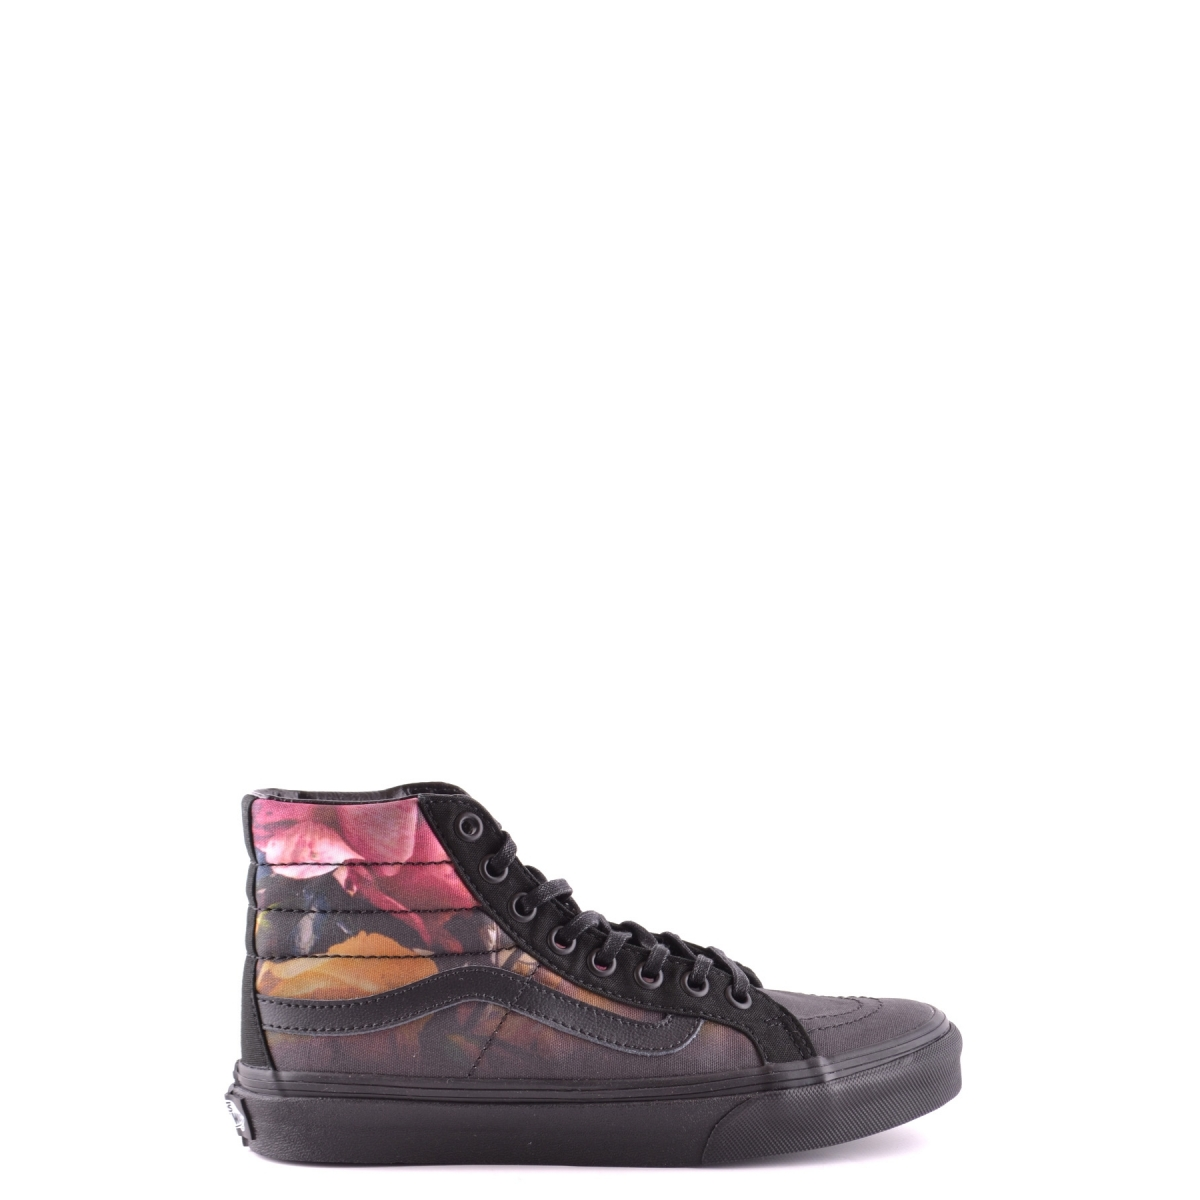 Sneakers alte Vans 23793IT -40%